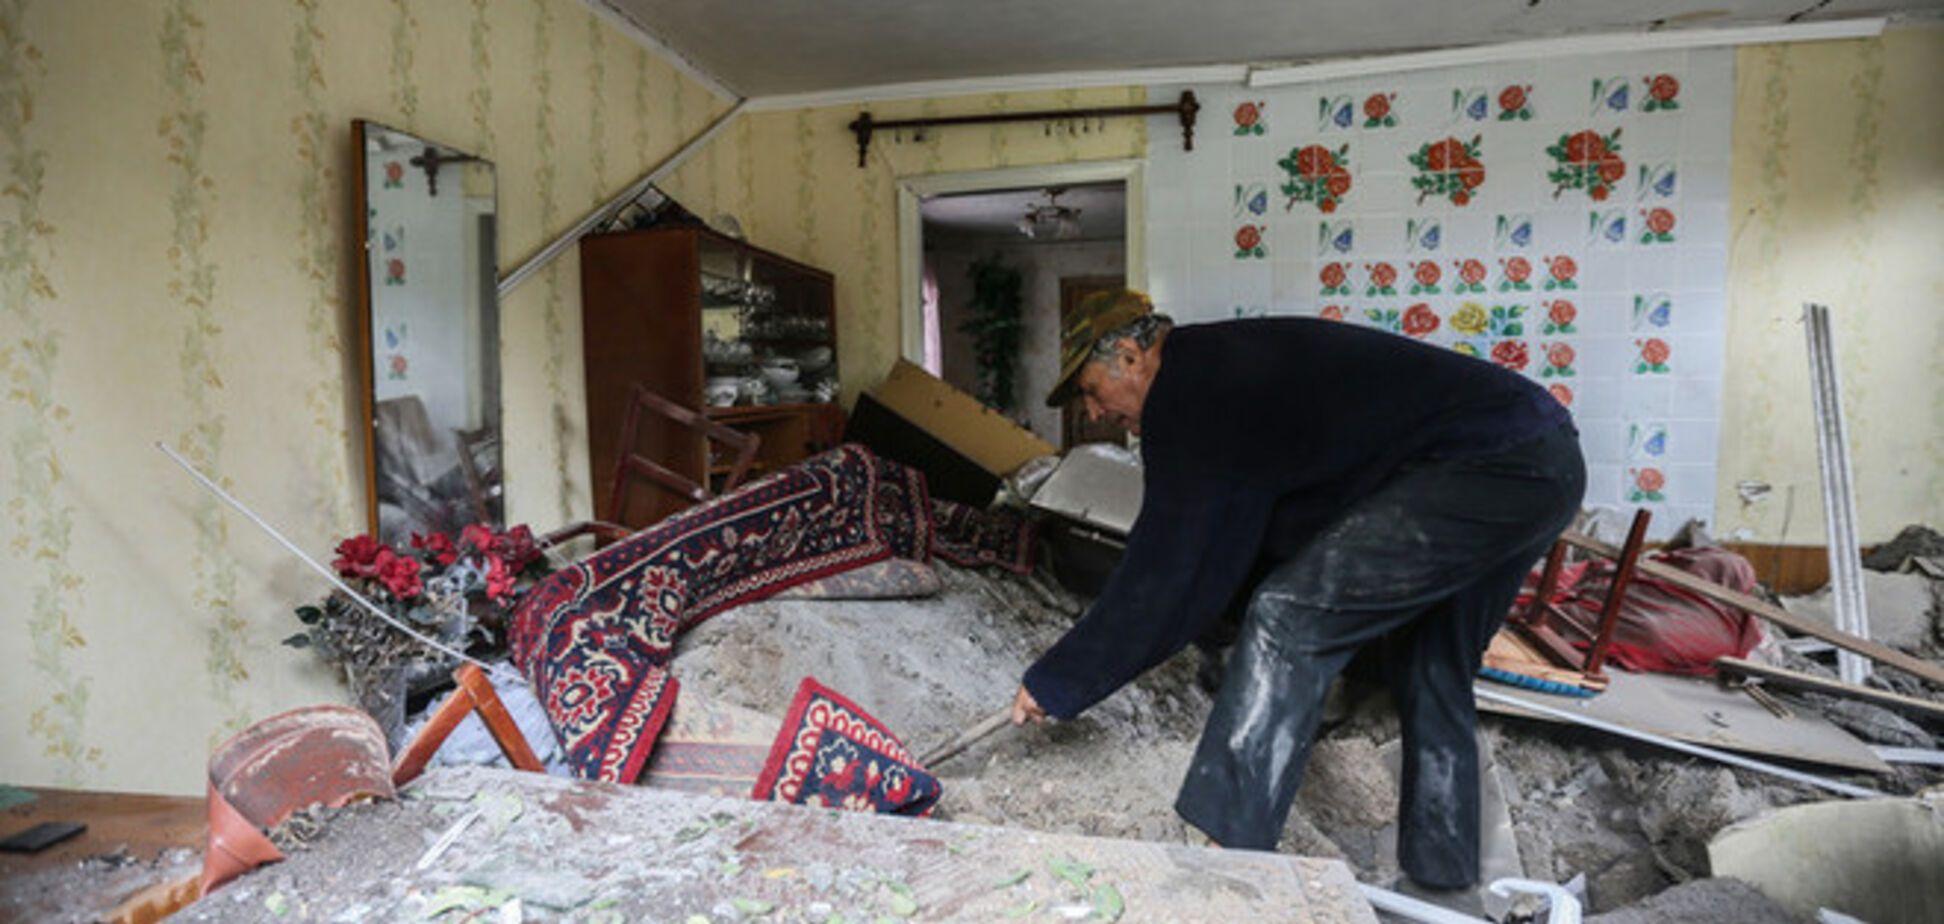 Восток Украины покинули более 1,5 млн человек - ООН